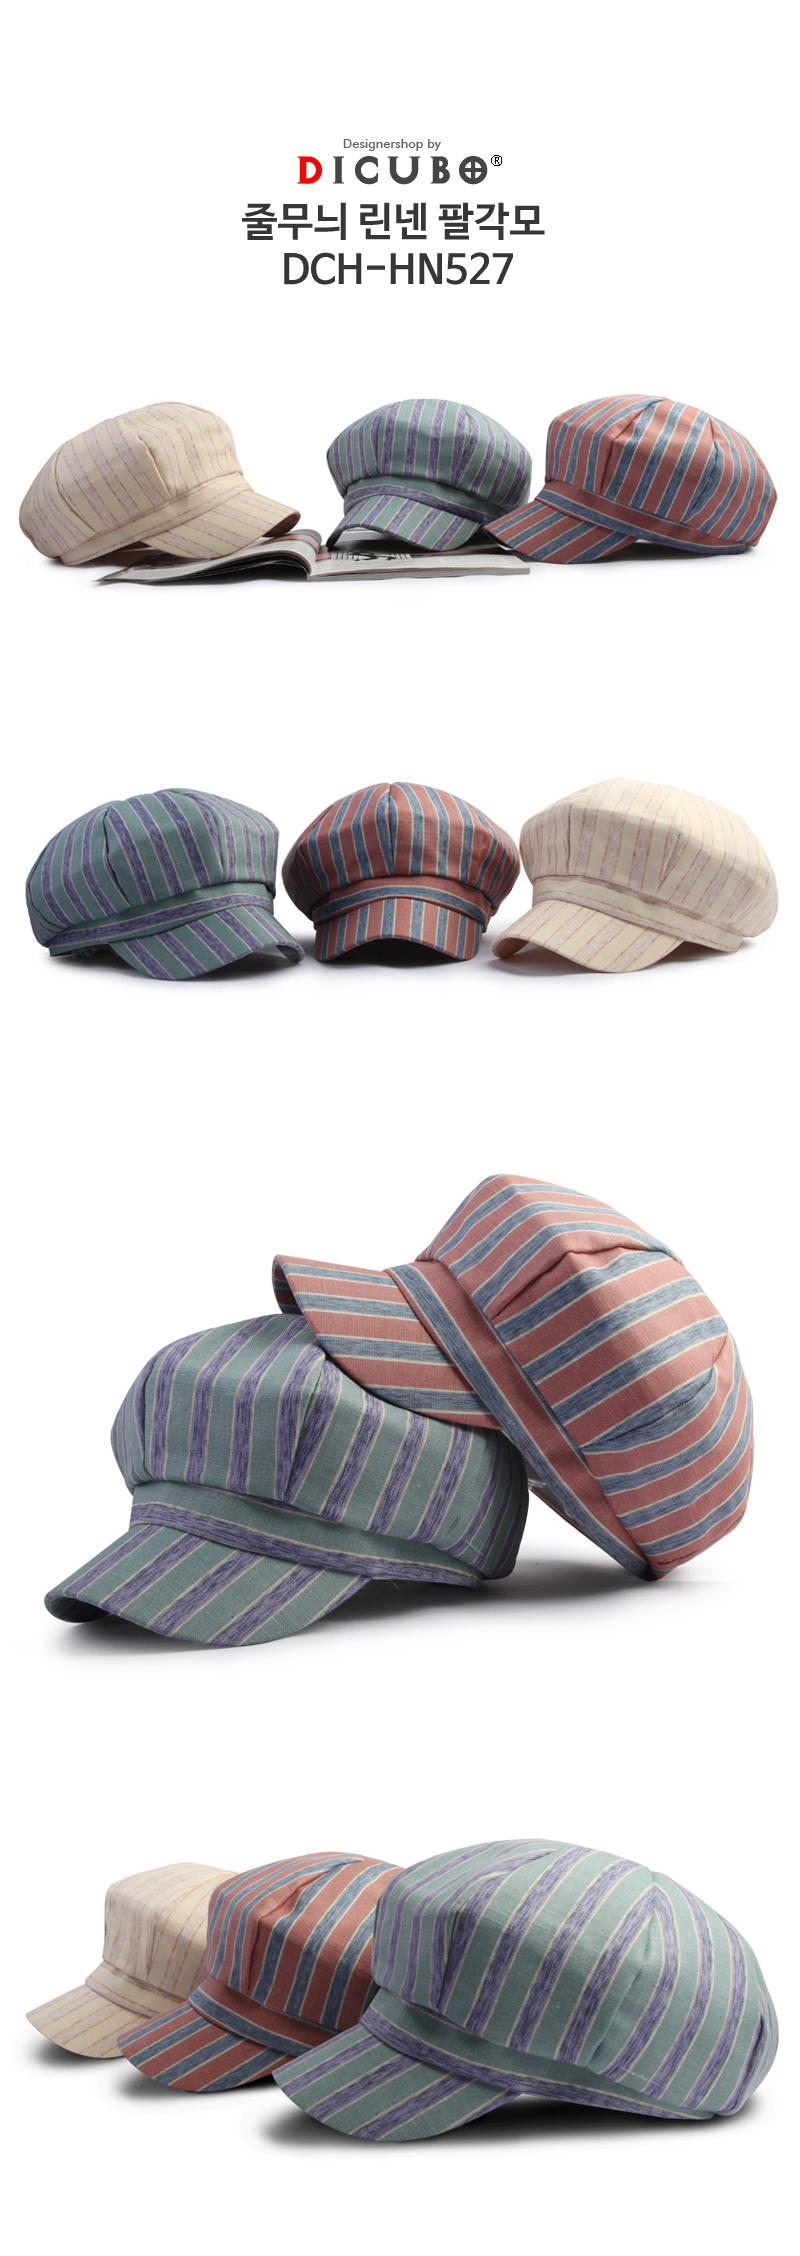 줄무늬 린넨 팔각모 HN527 - 디꾸보, 16,830원, 모자, 군모